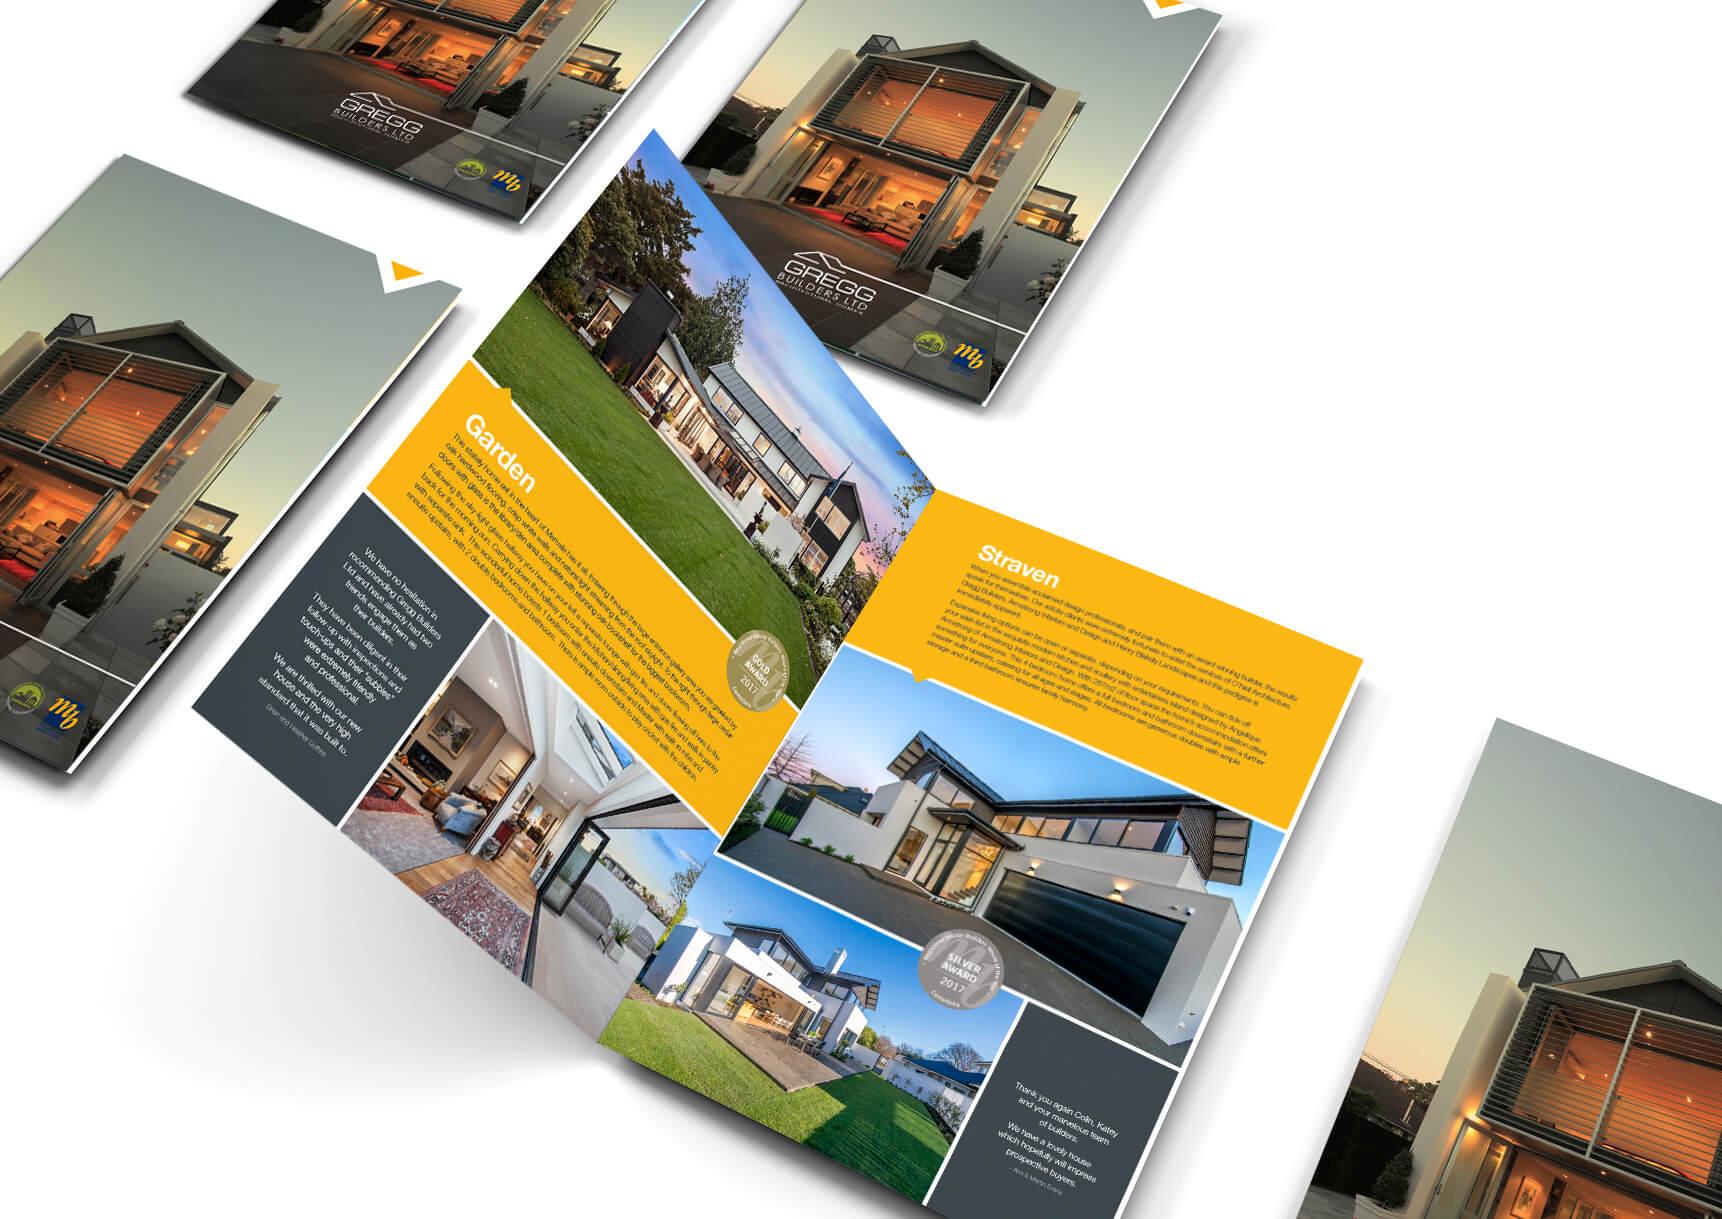 Gregg Builders Brochure - designed by Pinnacle&Co.